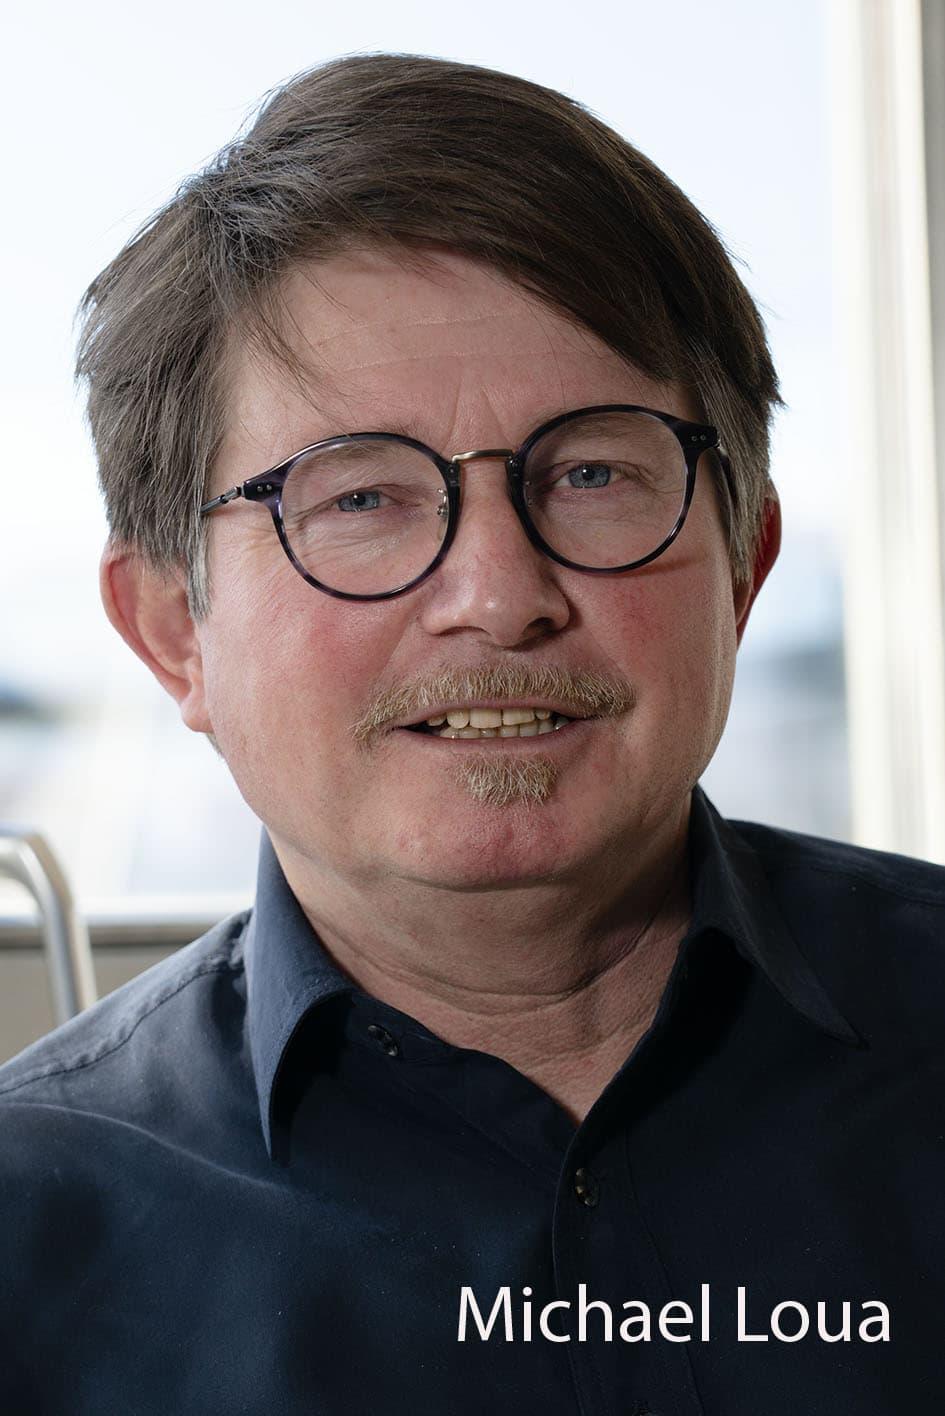 Michael Loua